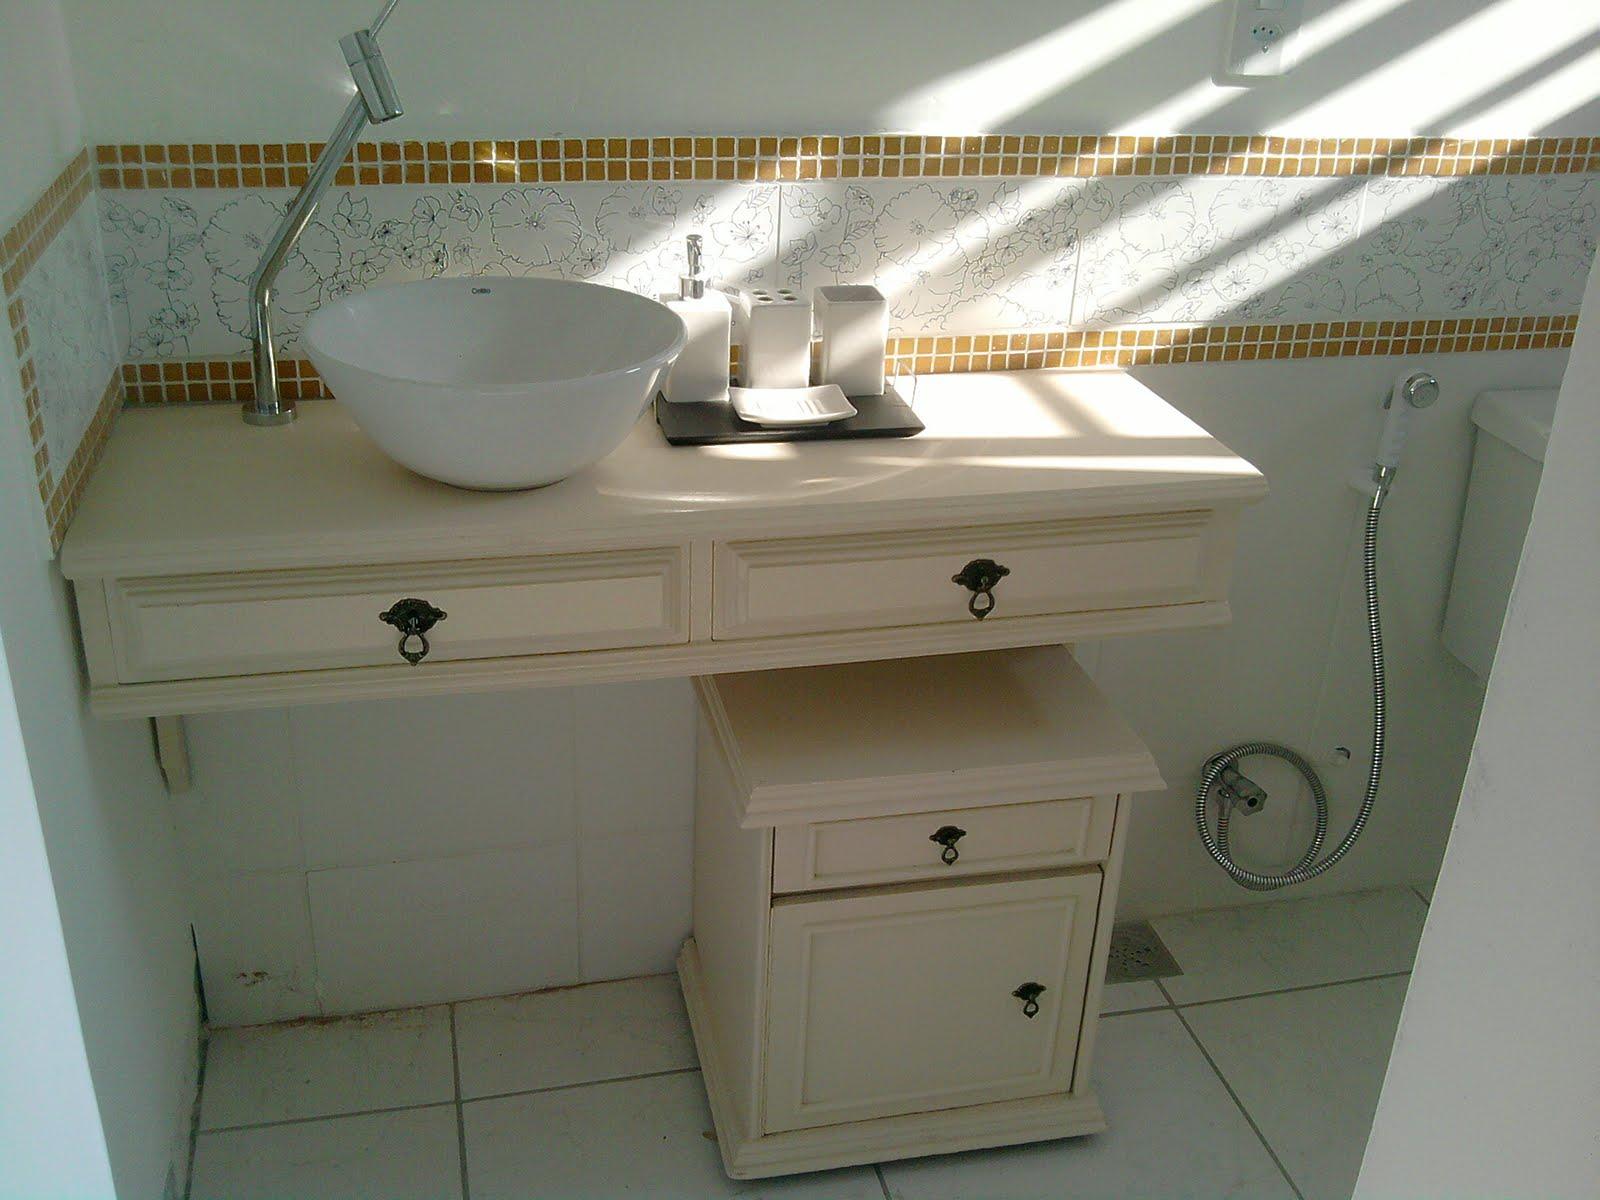 #5D4C2A Esse armario ou criado foi comprado em topa tudo também coloquei  1600x1200 px ligações hidraulicas banheiro